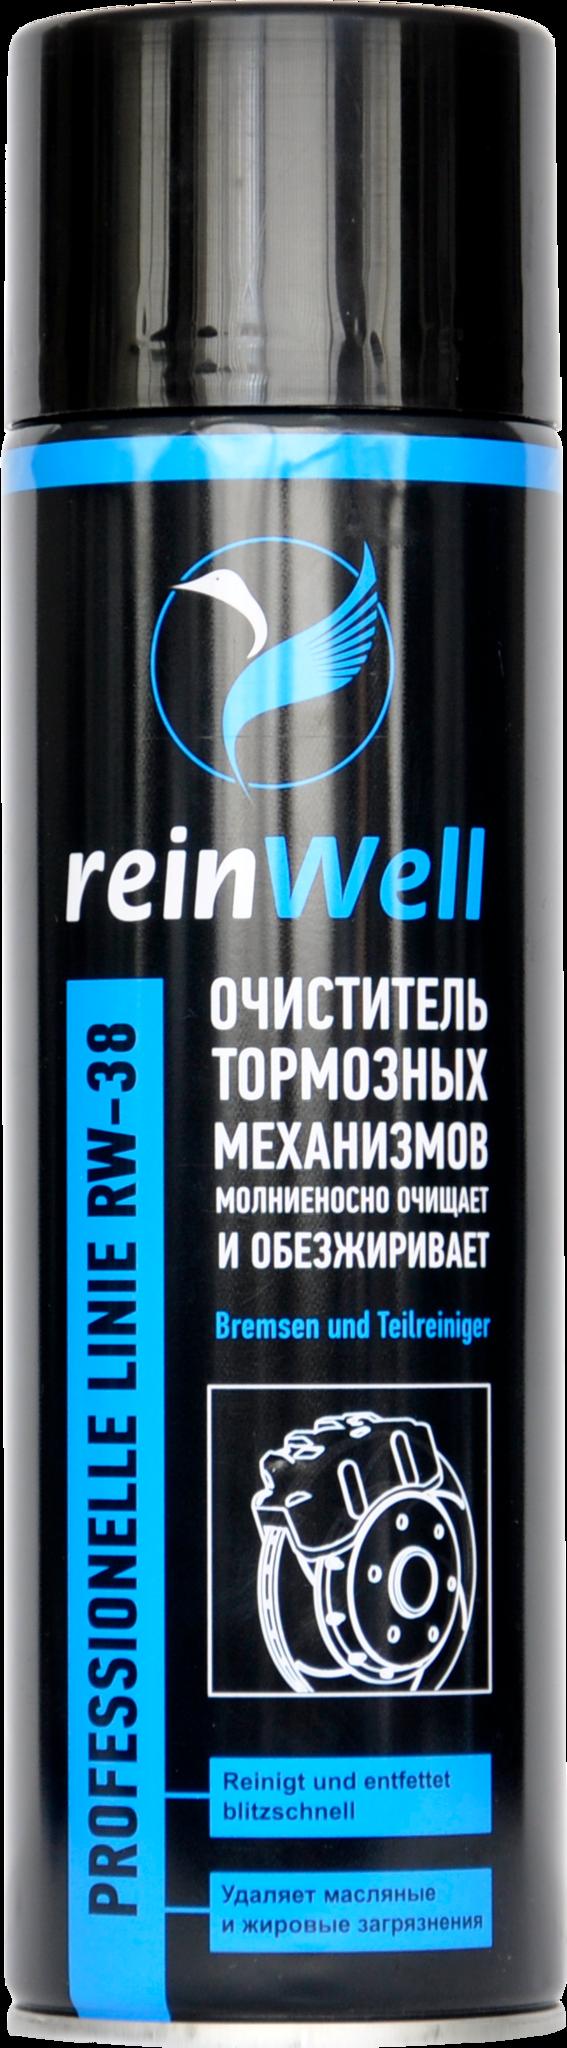 Очиститель тормозных механизмов ReinWell (0.5л)